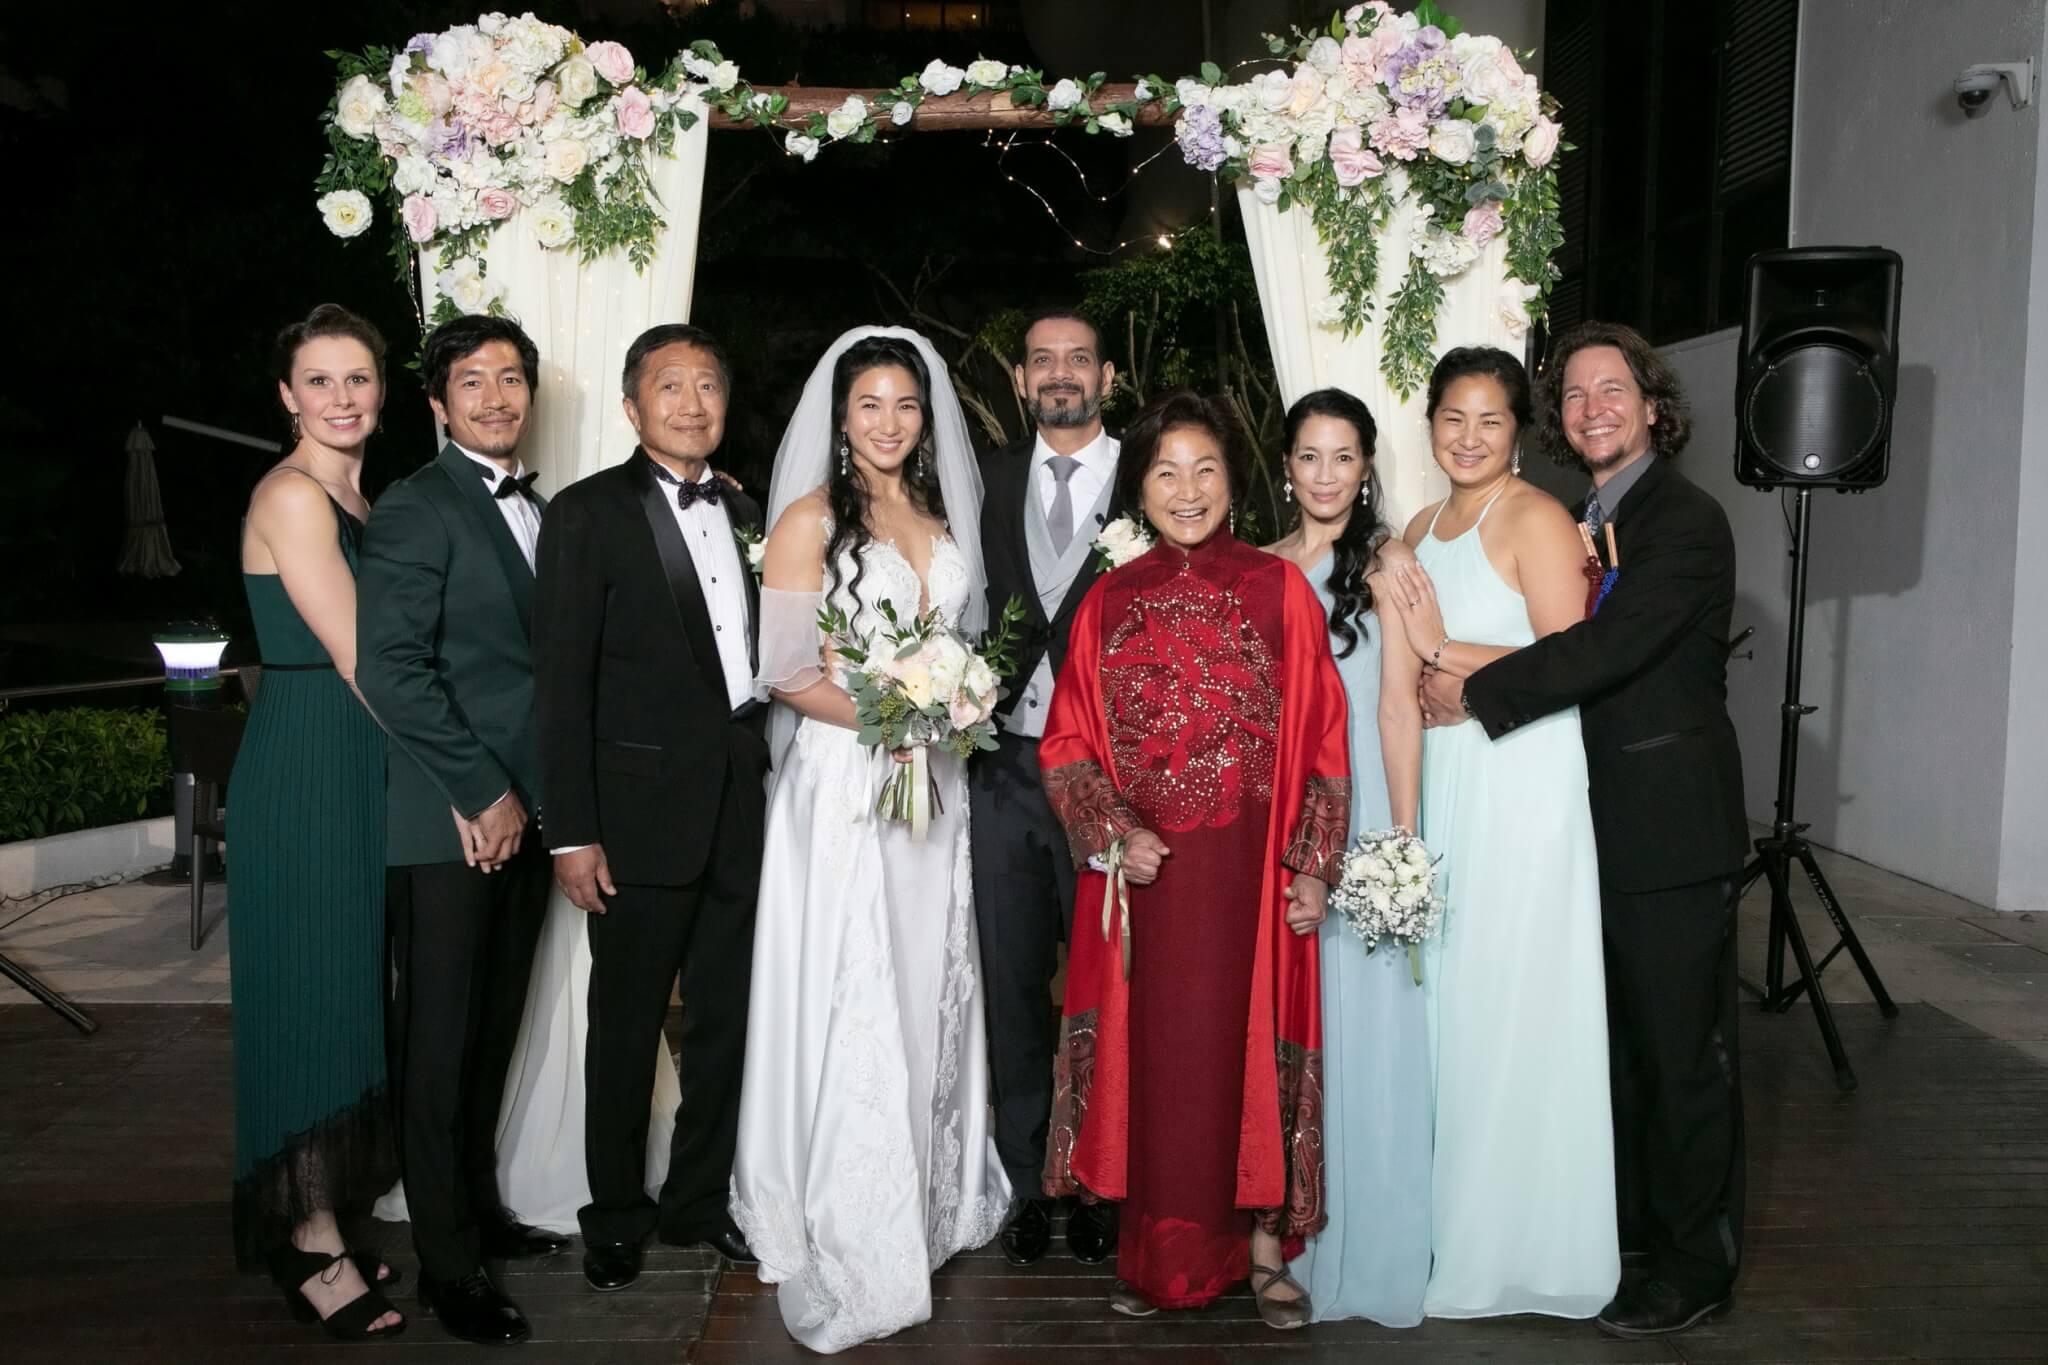 原子鏸於2019年與摩洛哥籍老公Mehdi El Ajimi結婚